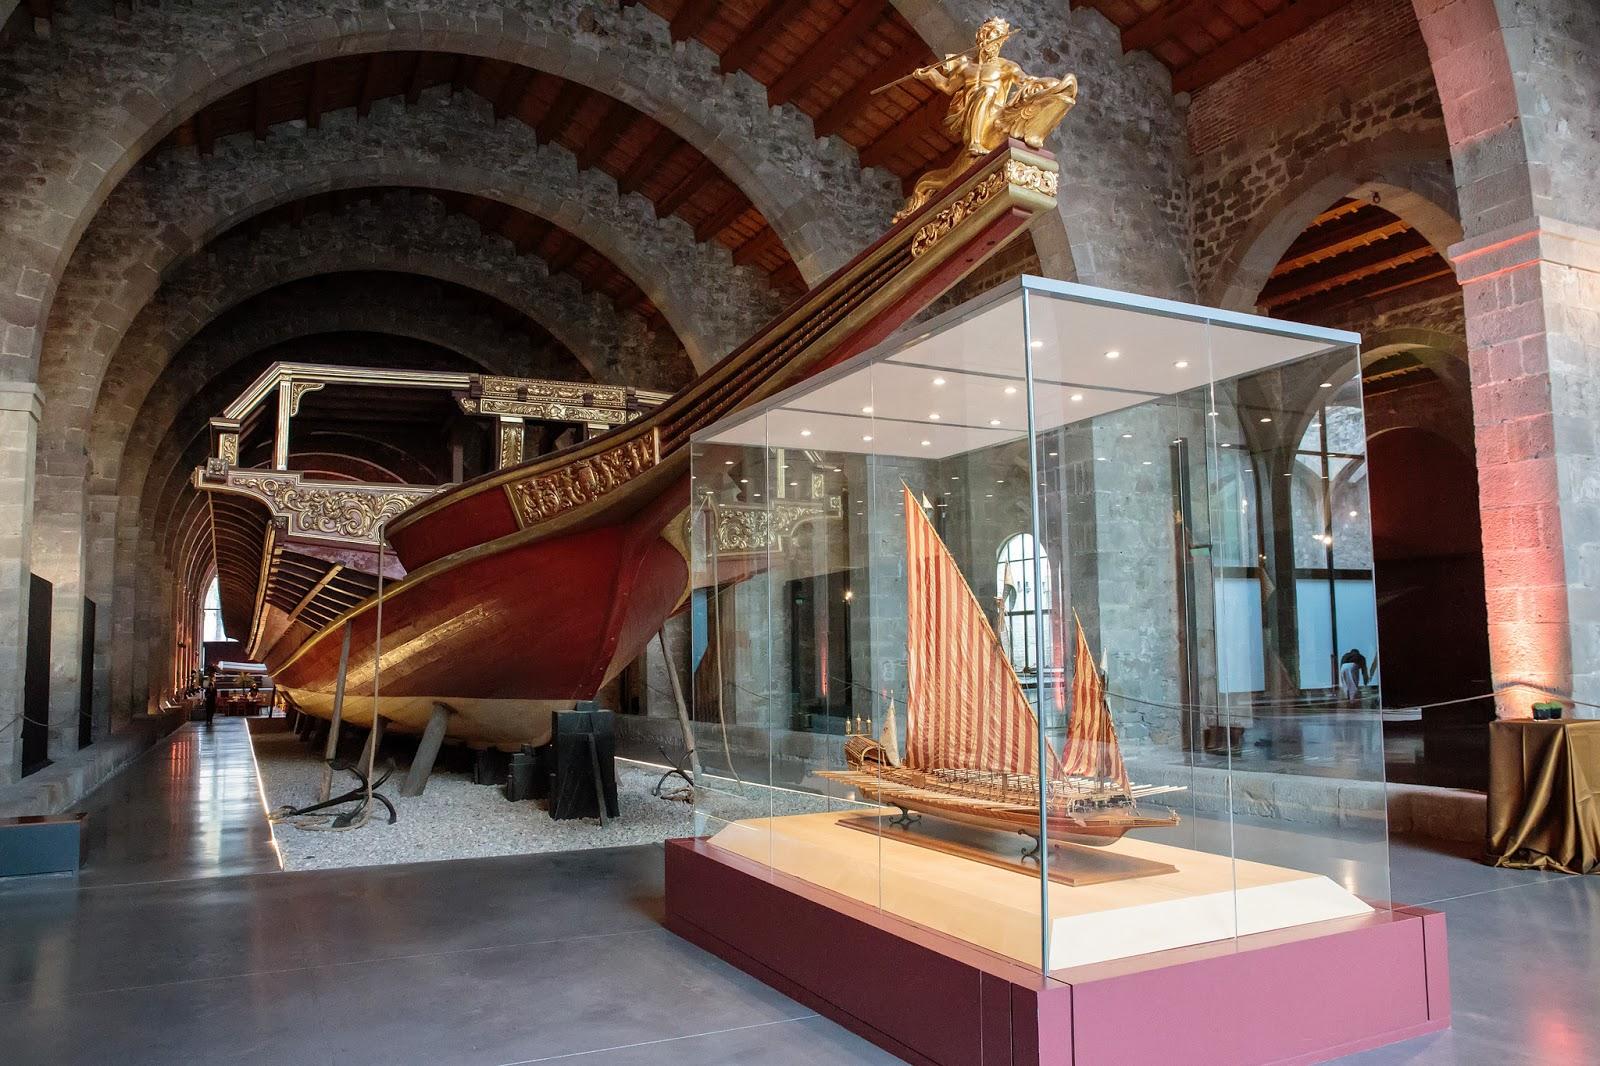 цвет морской музей барселоны фото останутся